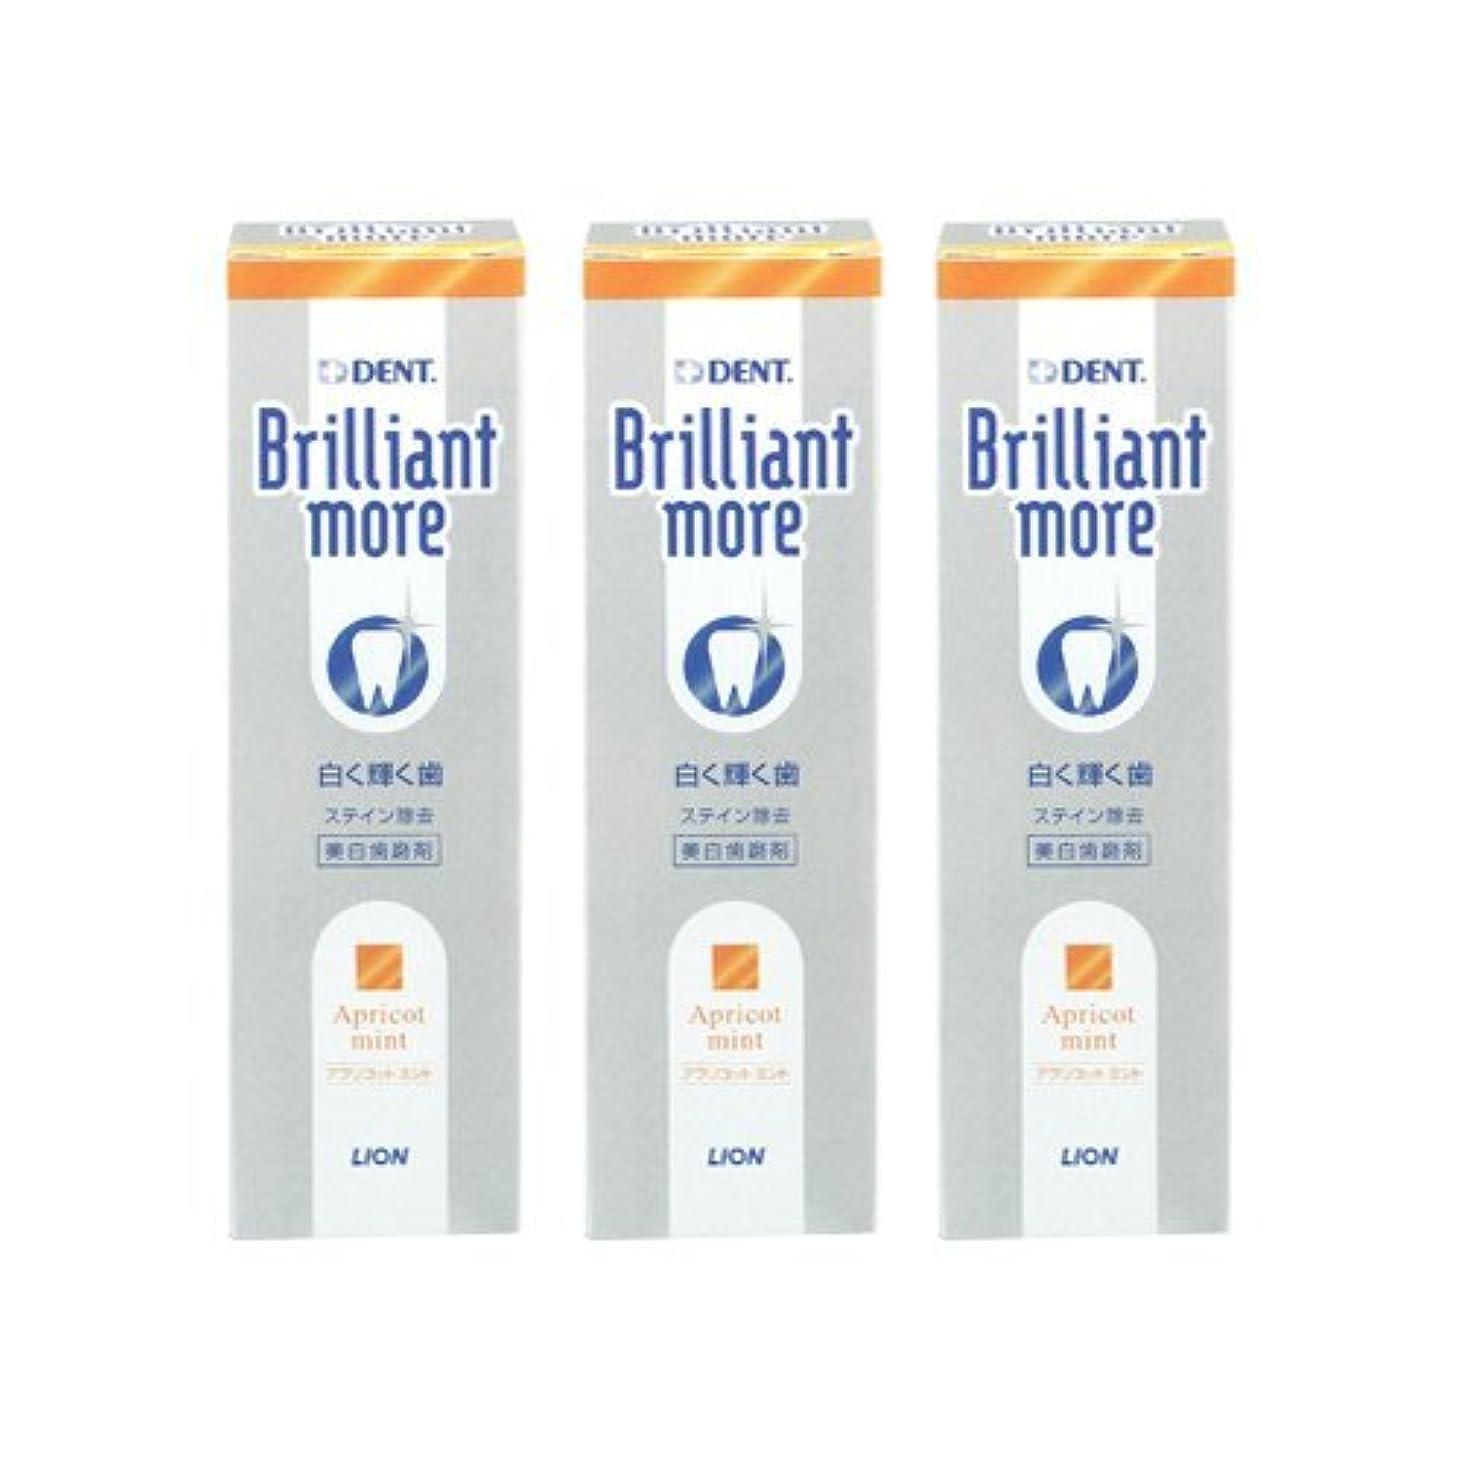 減らす放散する順応性ライオン ブリリアントモア アプリコットミント 3本セット 美白歯磨剤 LION Brilliant more